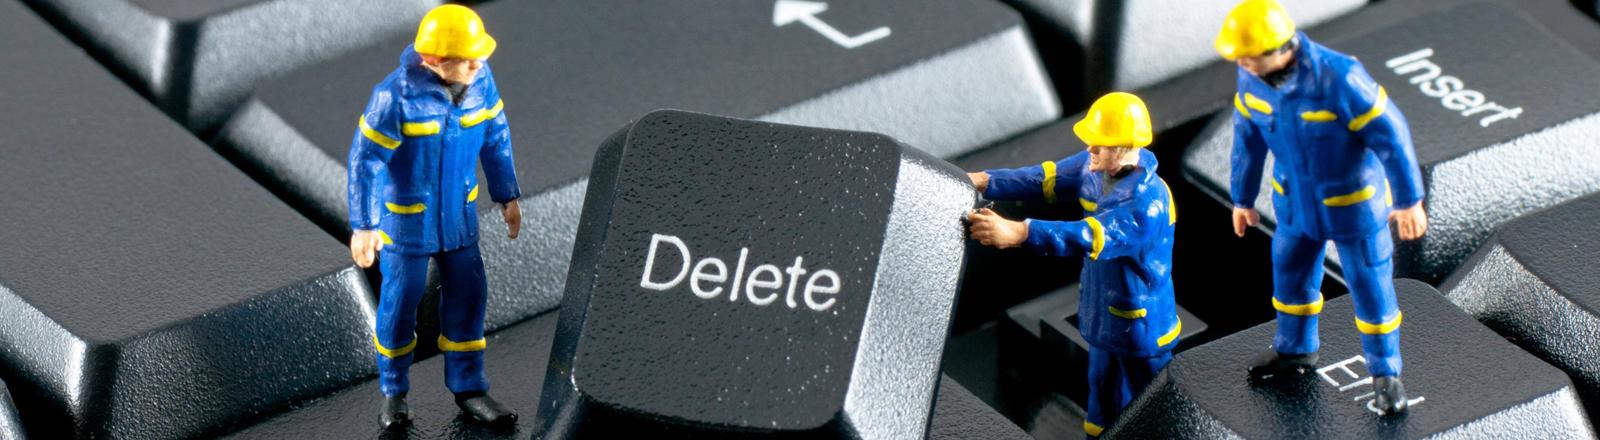 Spielzeugbauarbeiter heben eine Delete-Taste aus einer Tastatur